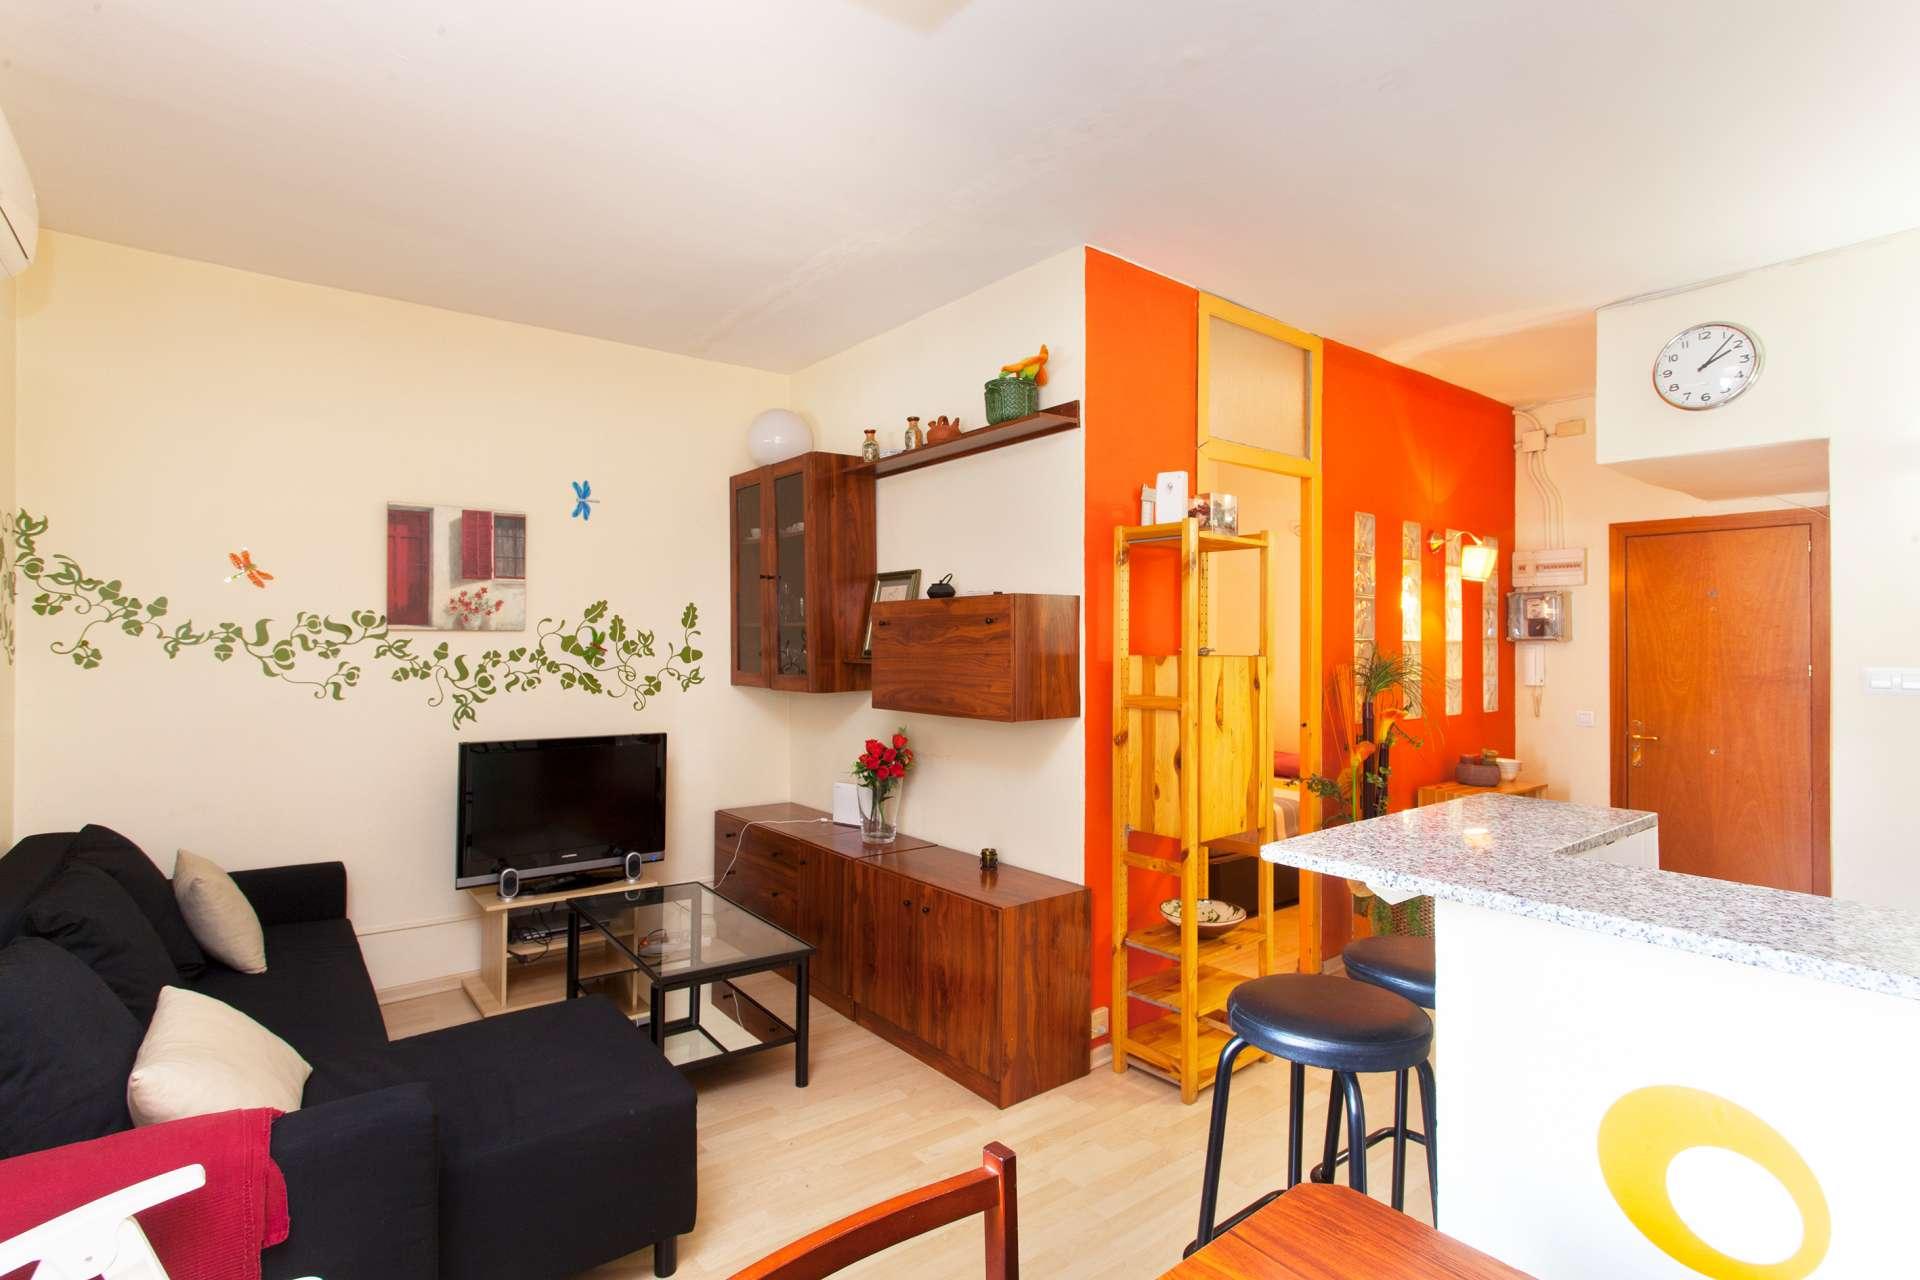 Shbarcelona piso alquiler habitac on doble eixample - Alquiler pisos barcelona eixample ...